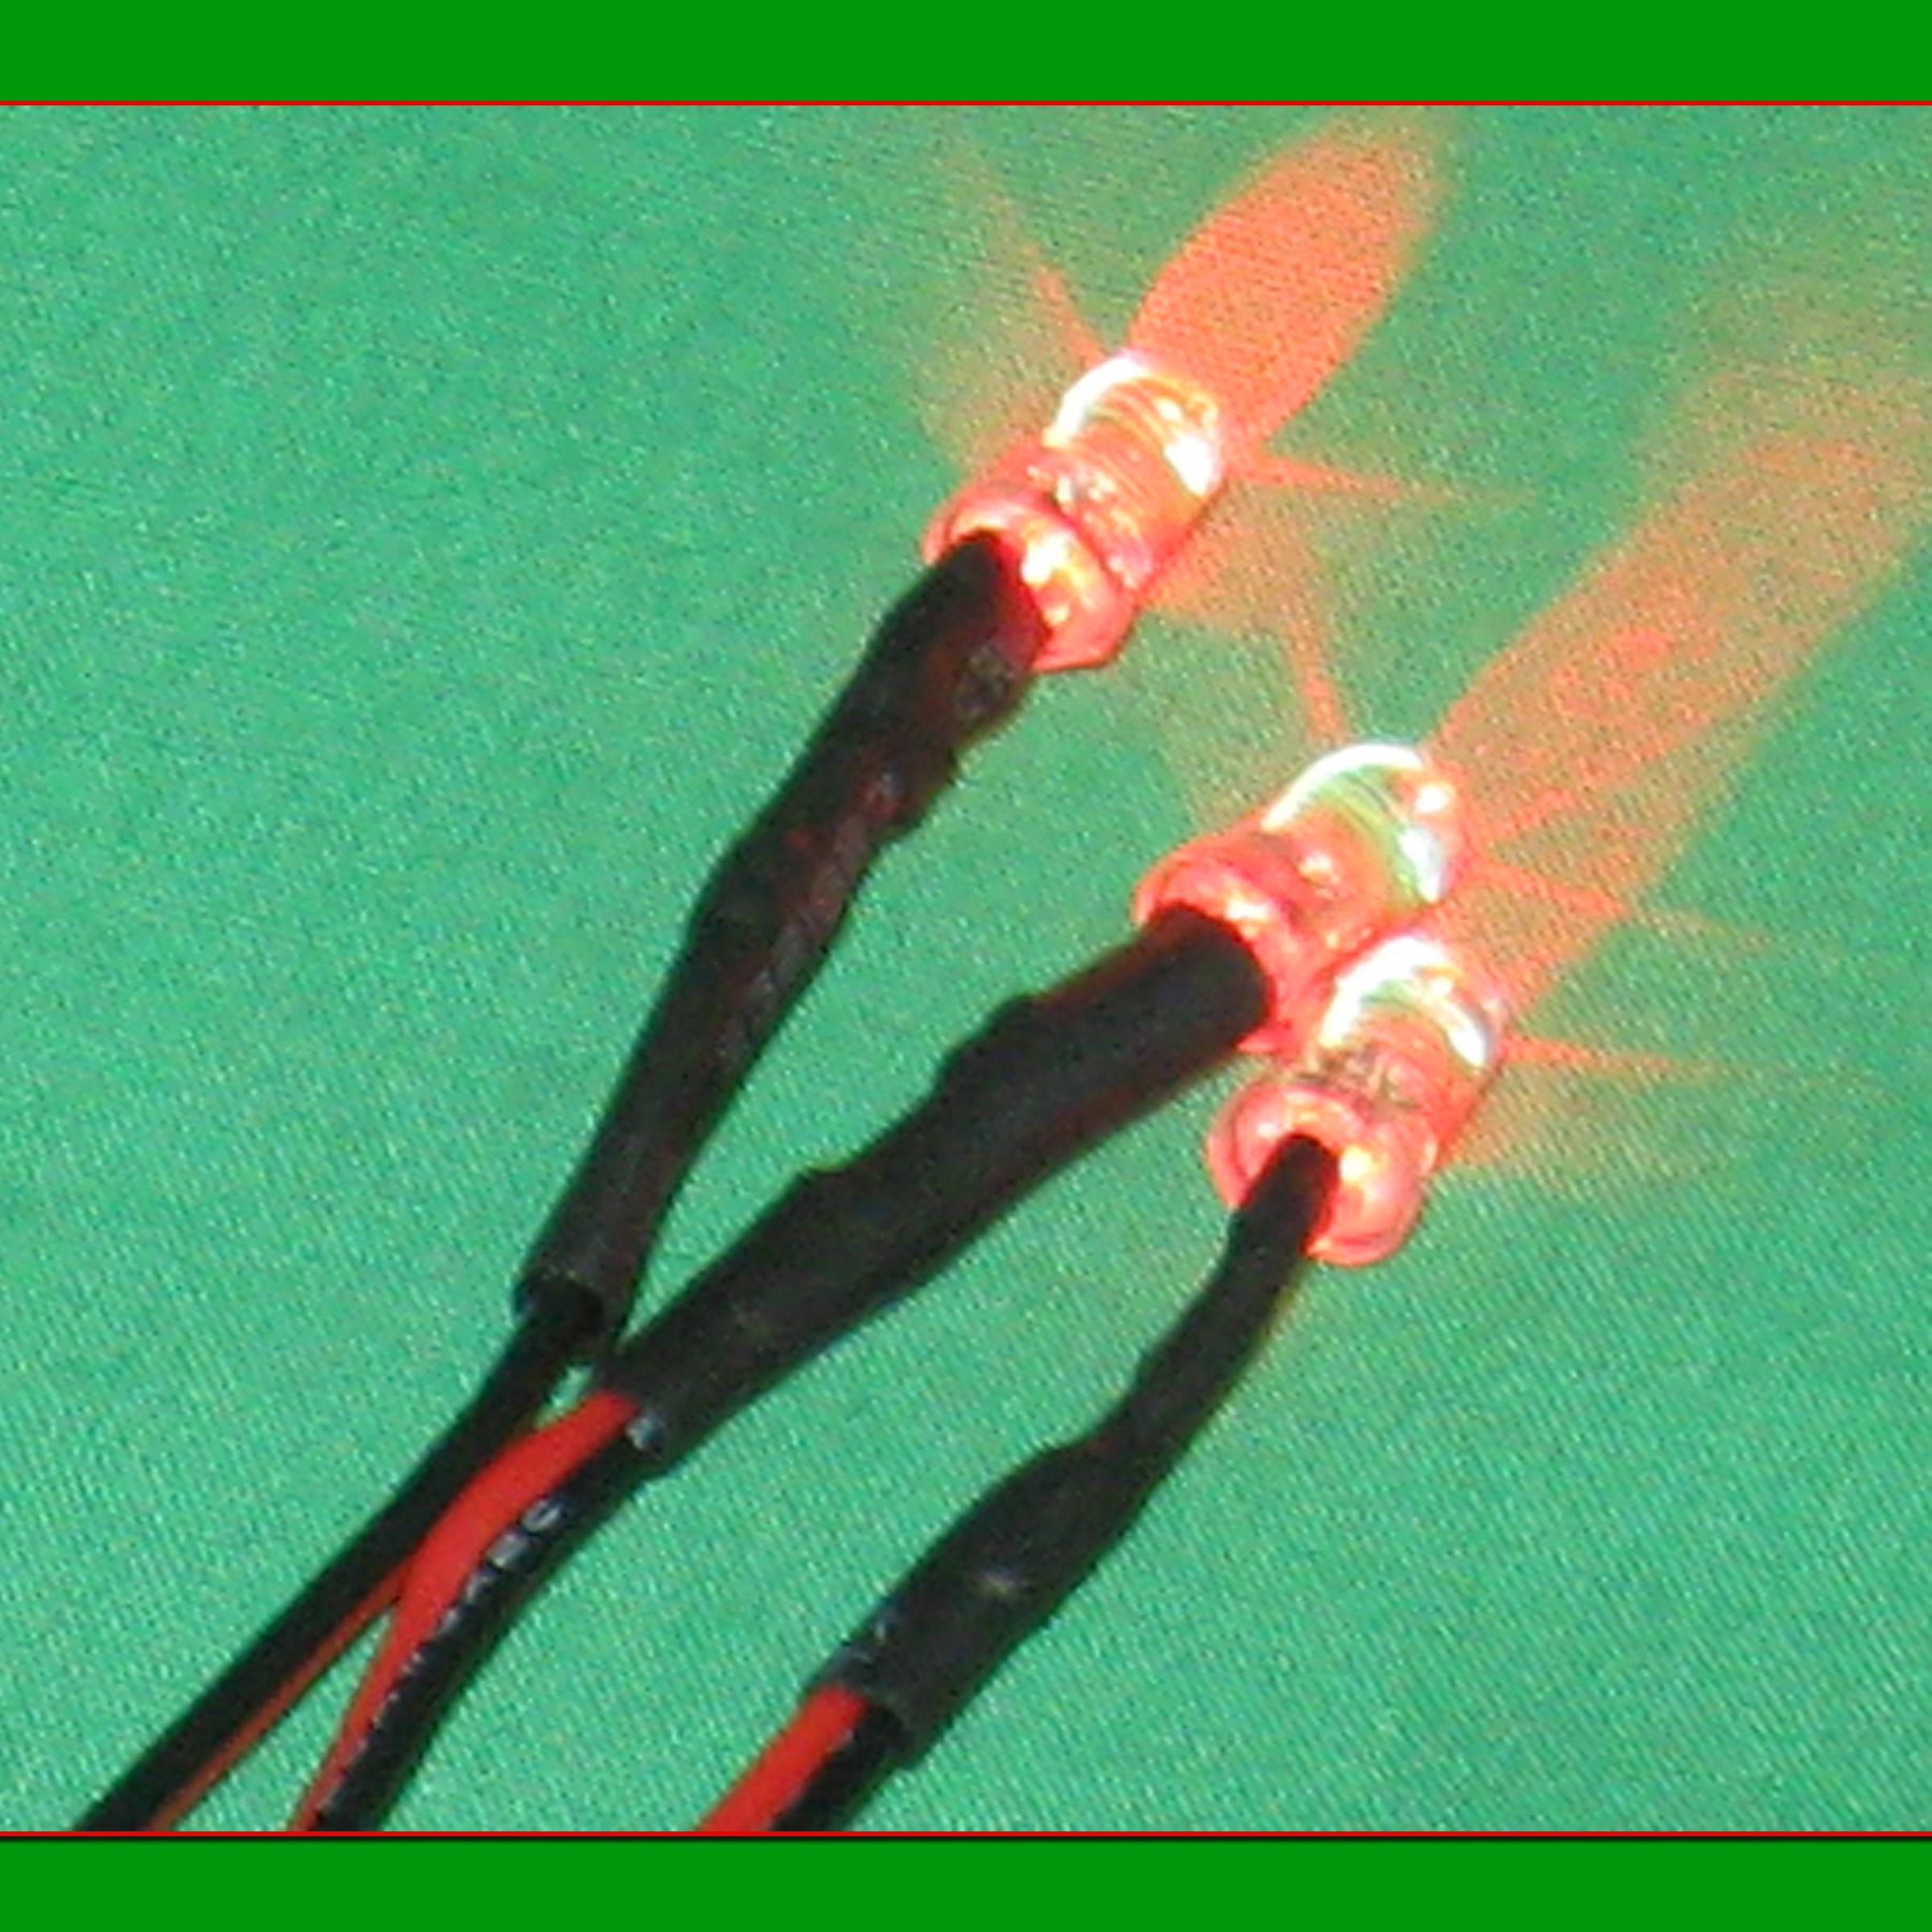 COIN SLOT VADER CIRCUIT PIC 4